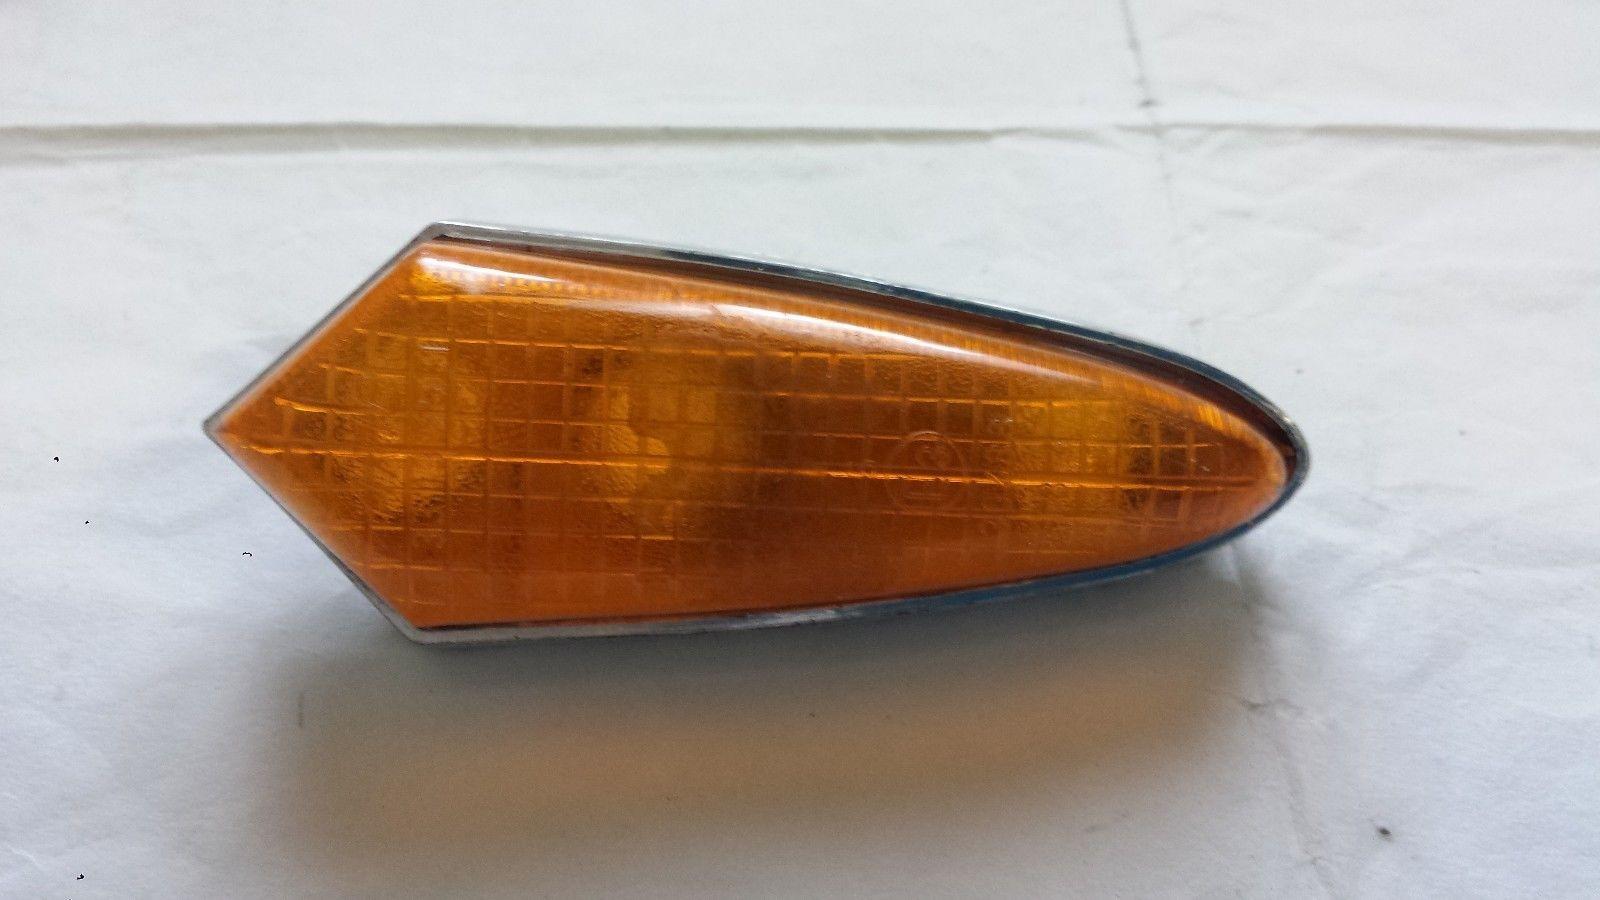 NUOVO * 1x rändelbolzen con aletta m12x1,5 x 48mm per CITROEN PEUGEOT modelli